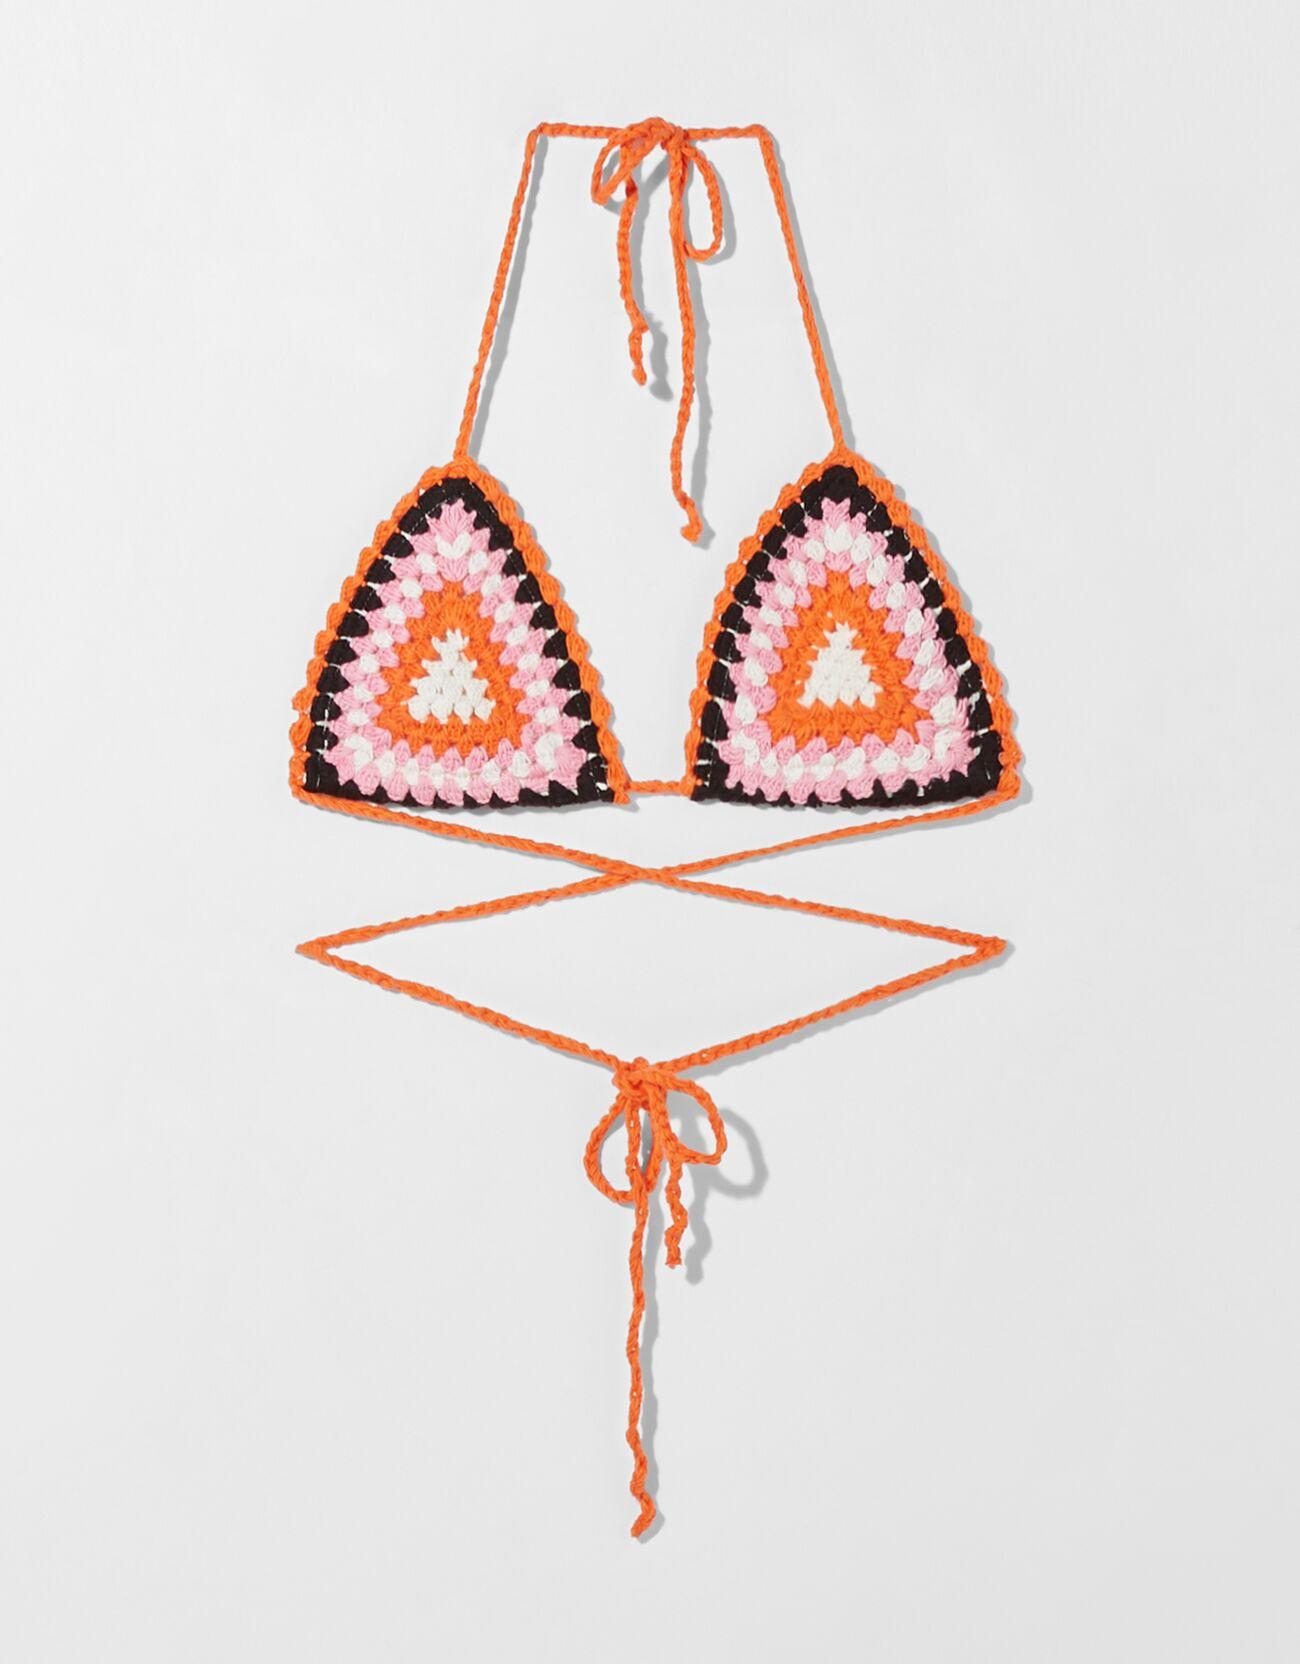 Bralette en forma de triángulo de crochet.